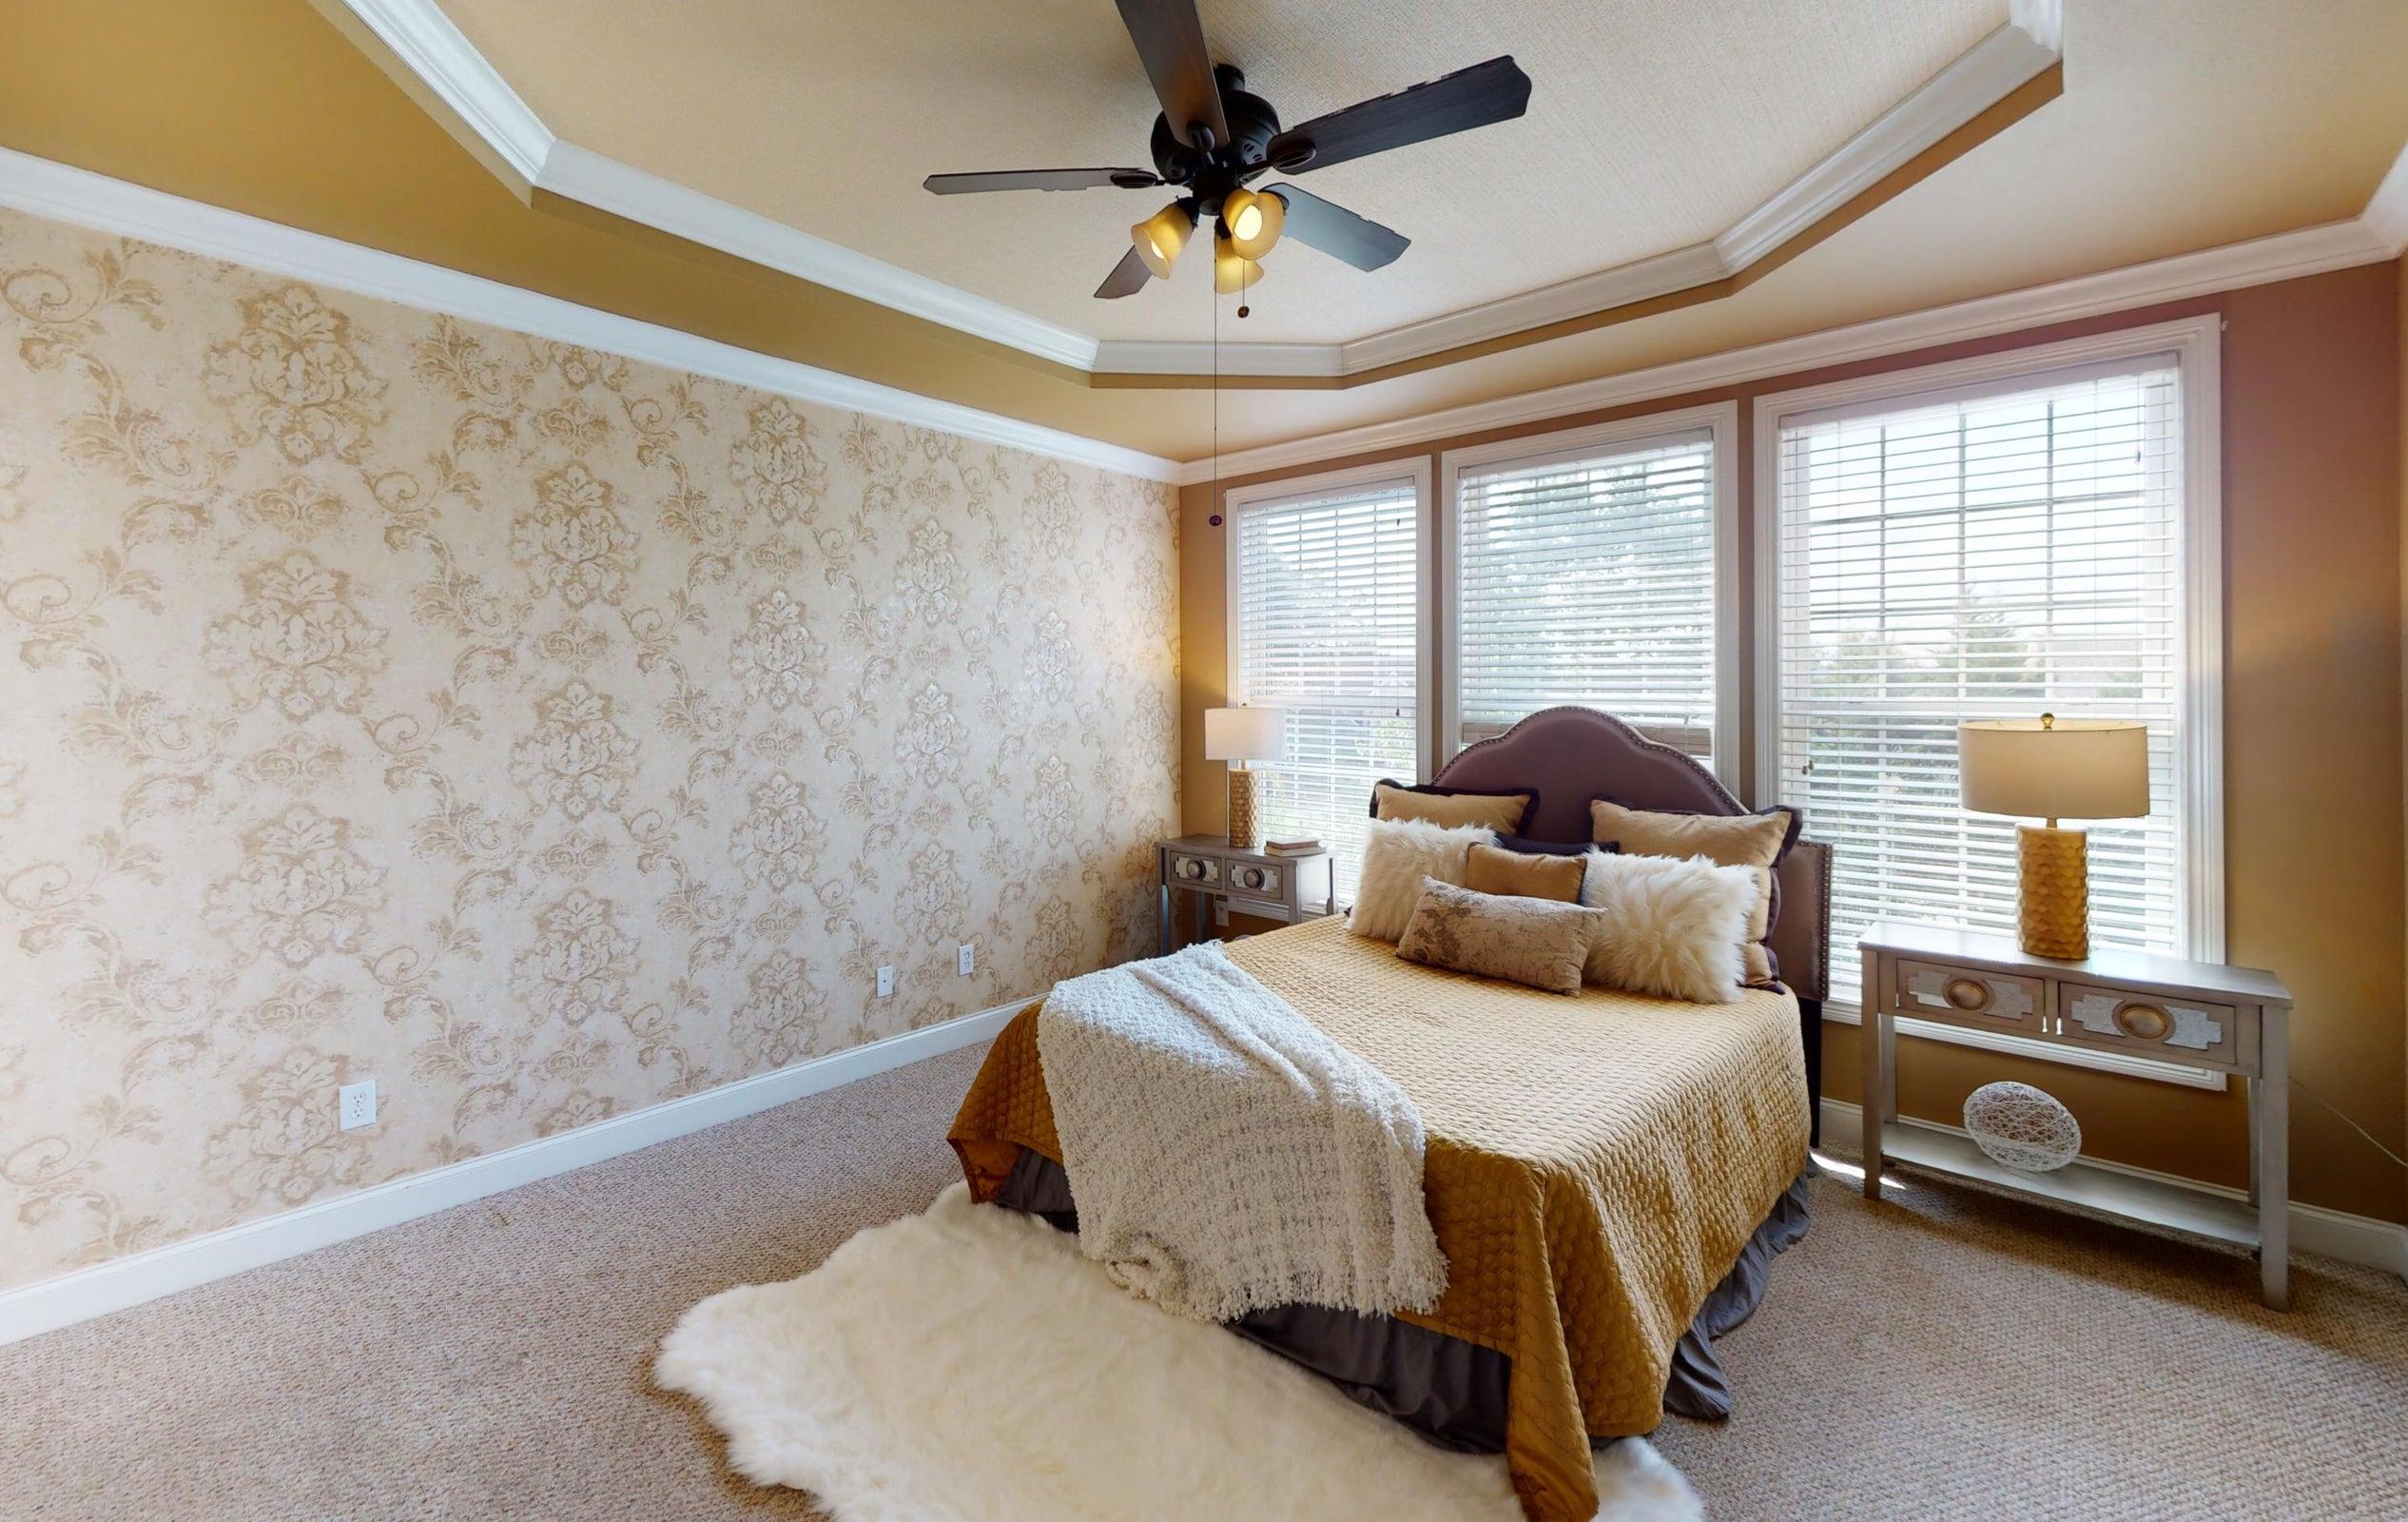 3819-Shipwatch-Bedroom